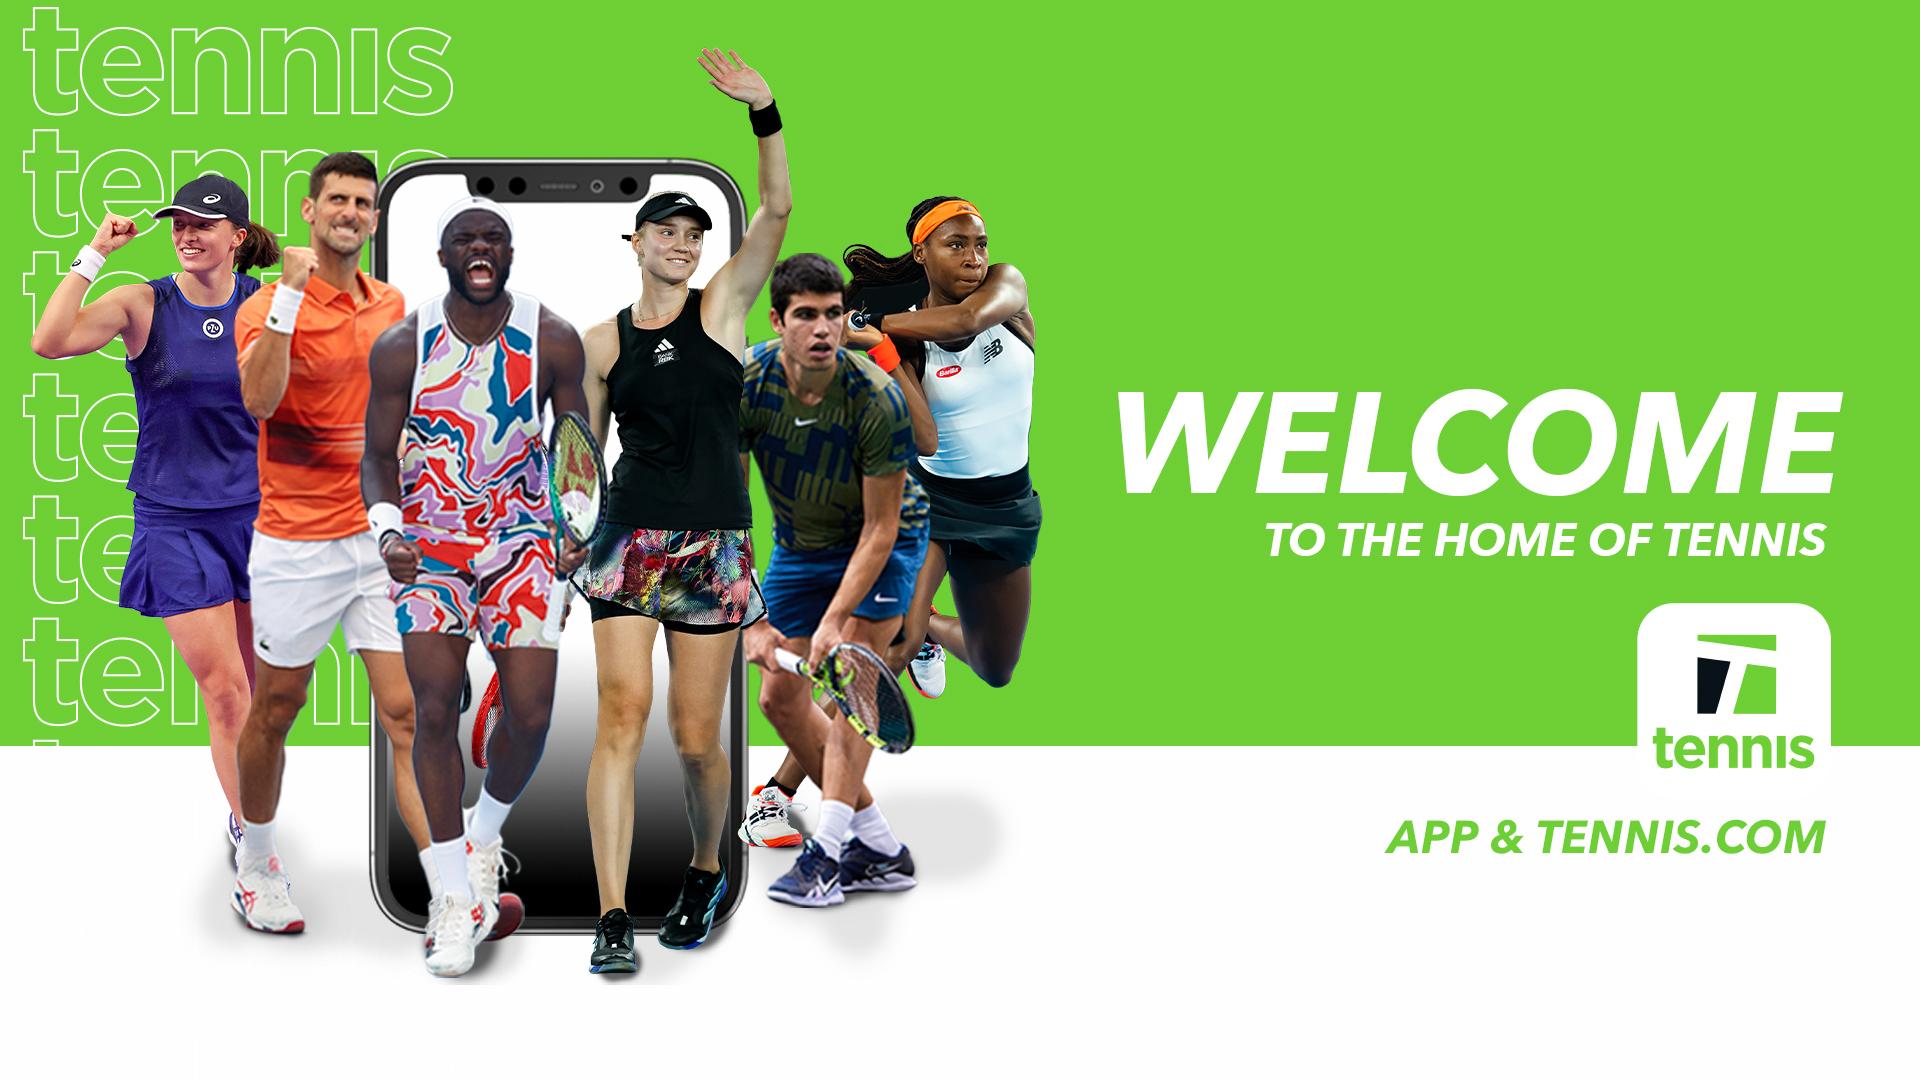 TENNIS PROMO GREEN TENNIScom.